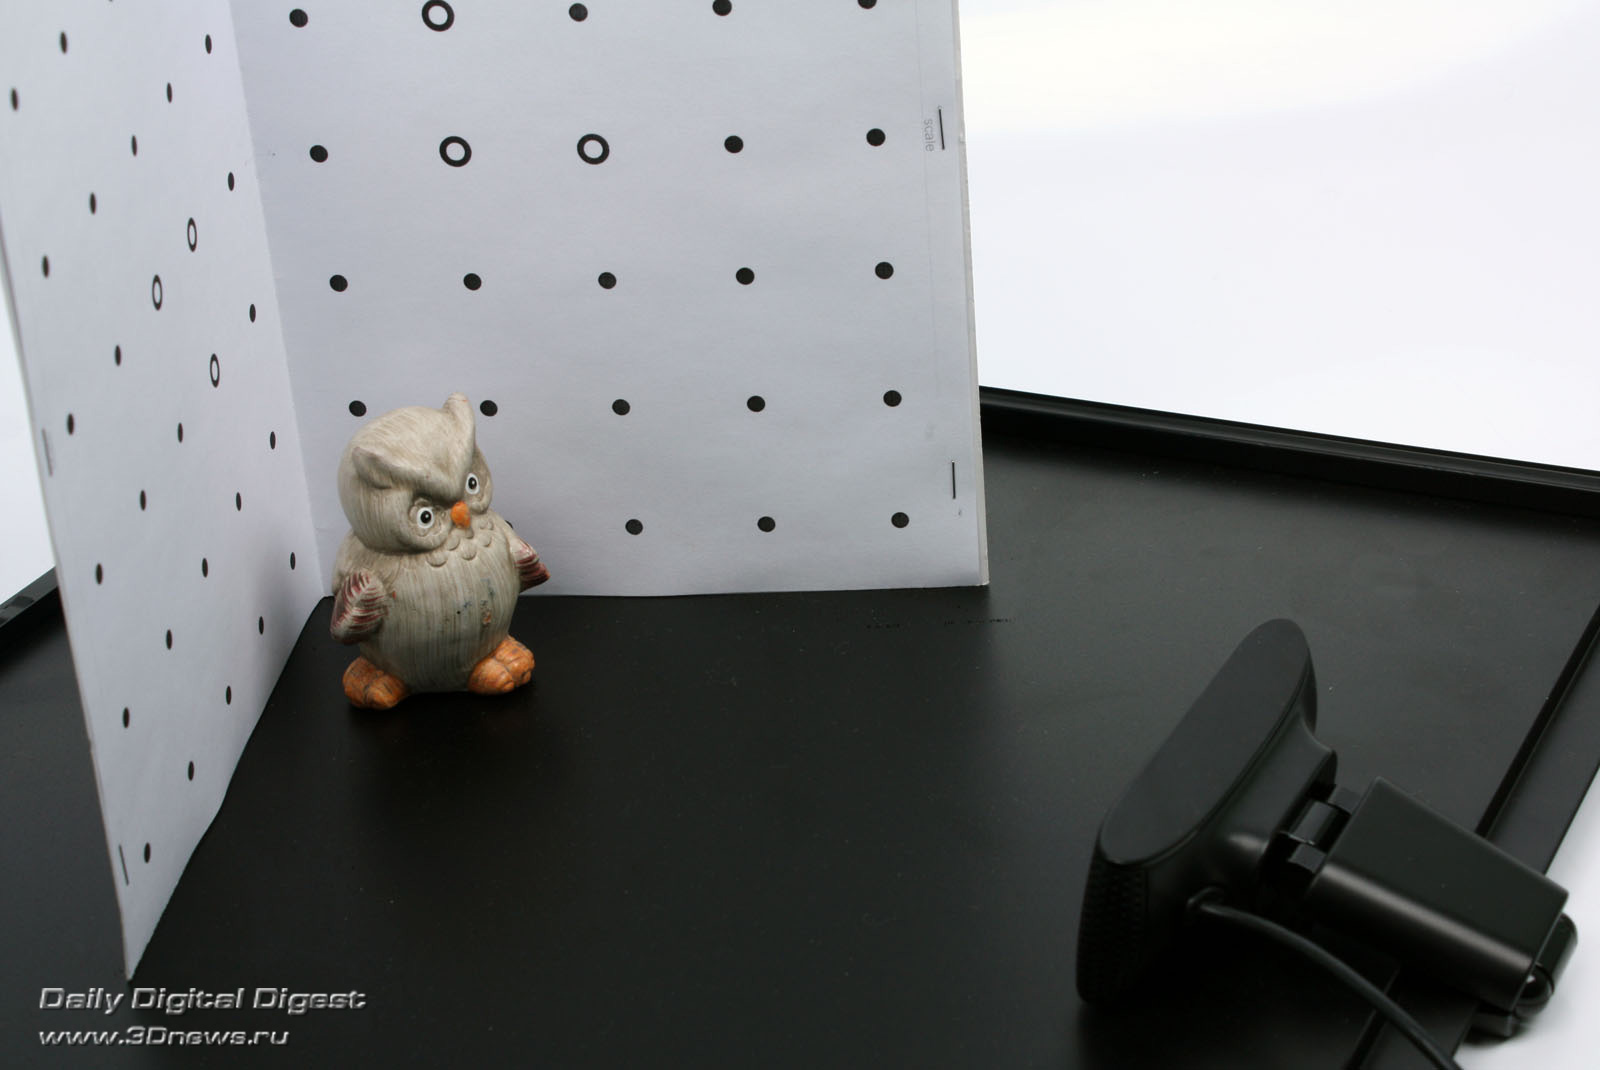 Делаем недорогой лазерный 3D-сканер своими руками / 3DNews - Daily Digital Digest